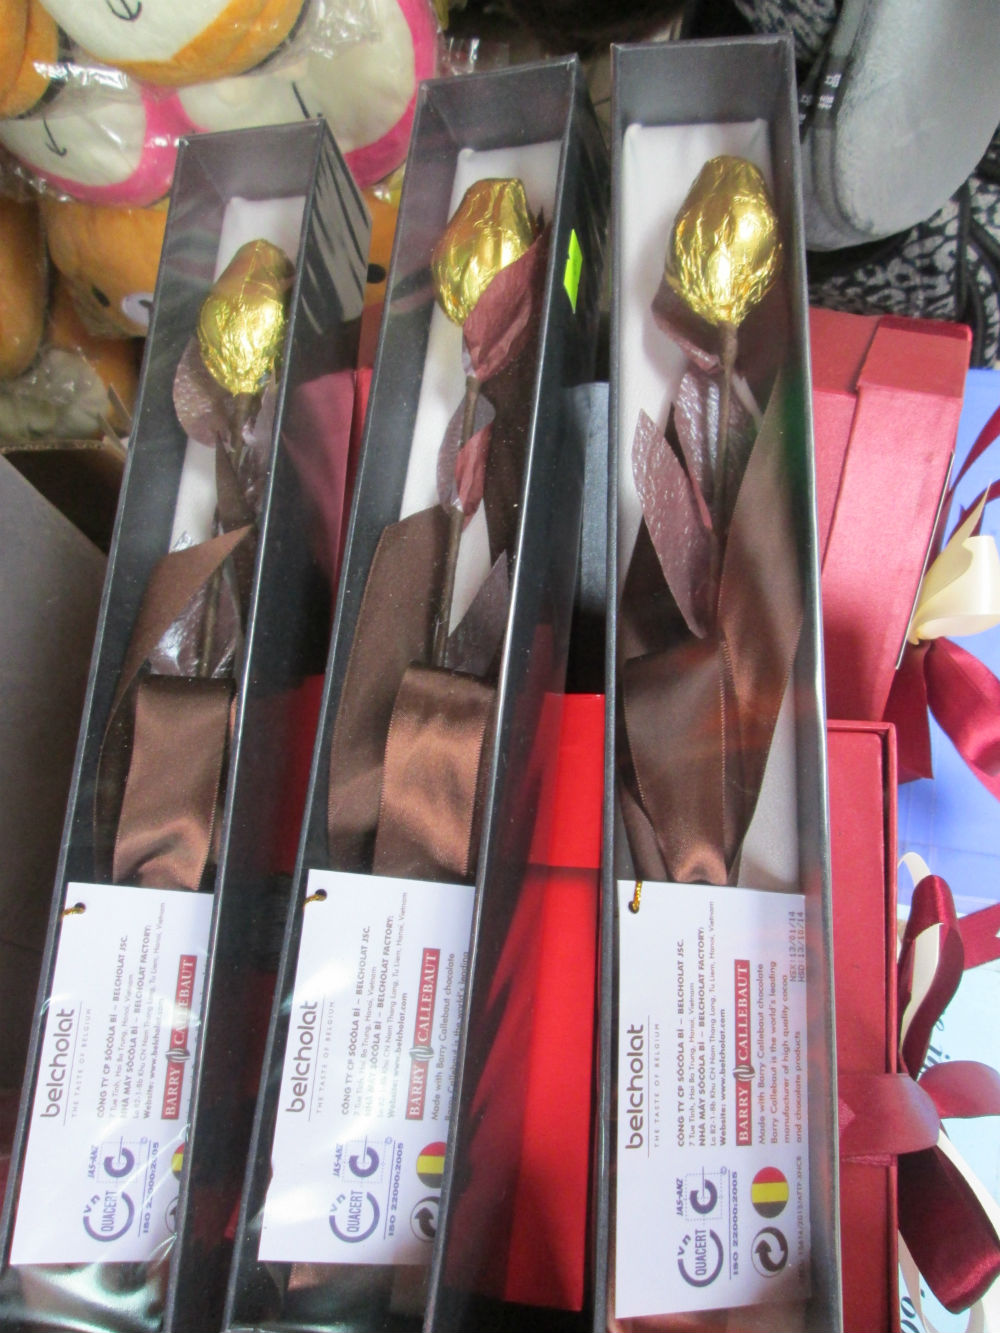 Chocola sản xuất tại Việt Nam hình bông hồng vàng, sản phẩm duy nhất của doanh nghiệp tại Việt Nam mà PV bắt gặp được. Sản phẩm này có địa chỉ sản xuất, thành phần và cam kết chất lượng rõ ràng. Đây là sản phẩm tin cậy mà người bán quảng bá nhiều cho người mua